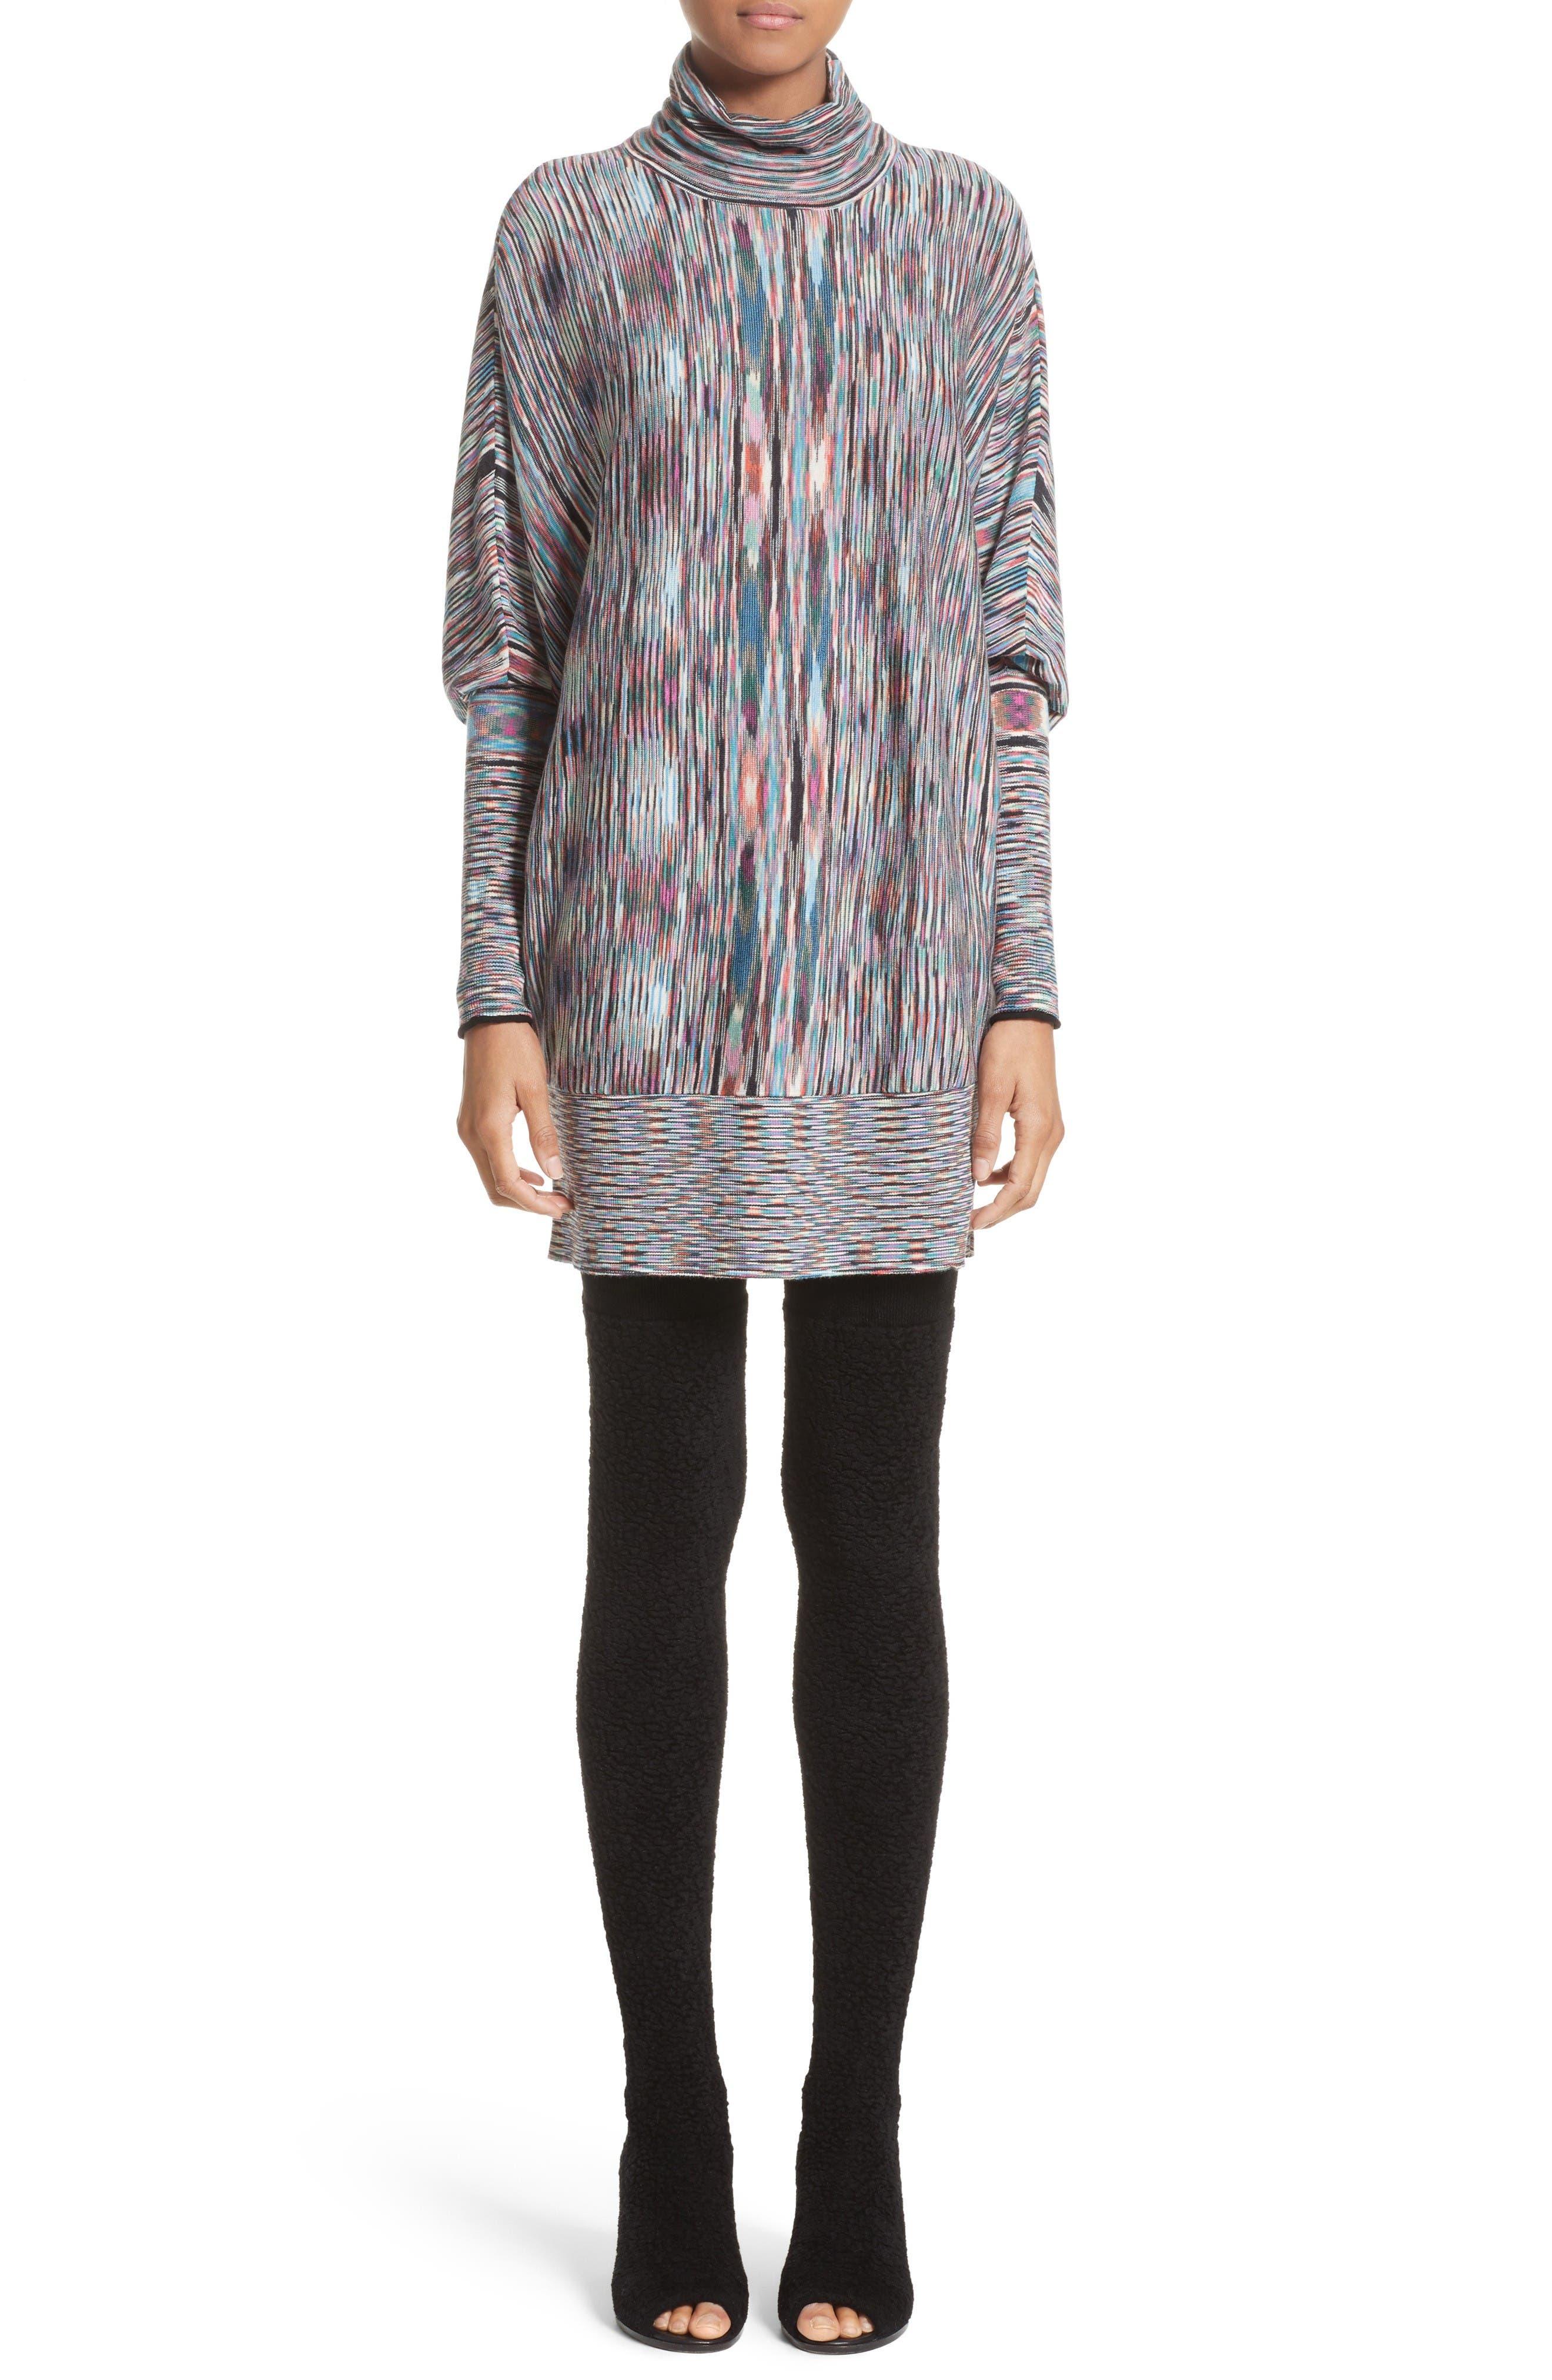 Main Image - Missoni Space Dye Knit Dress